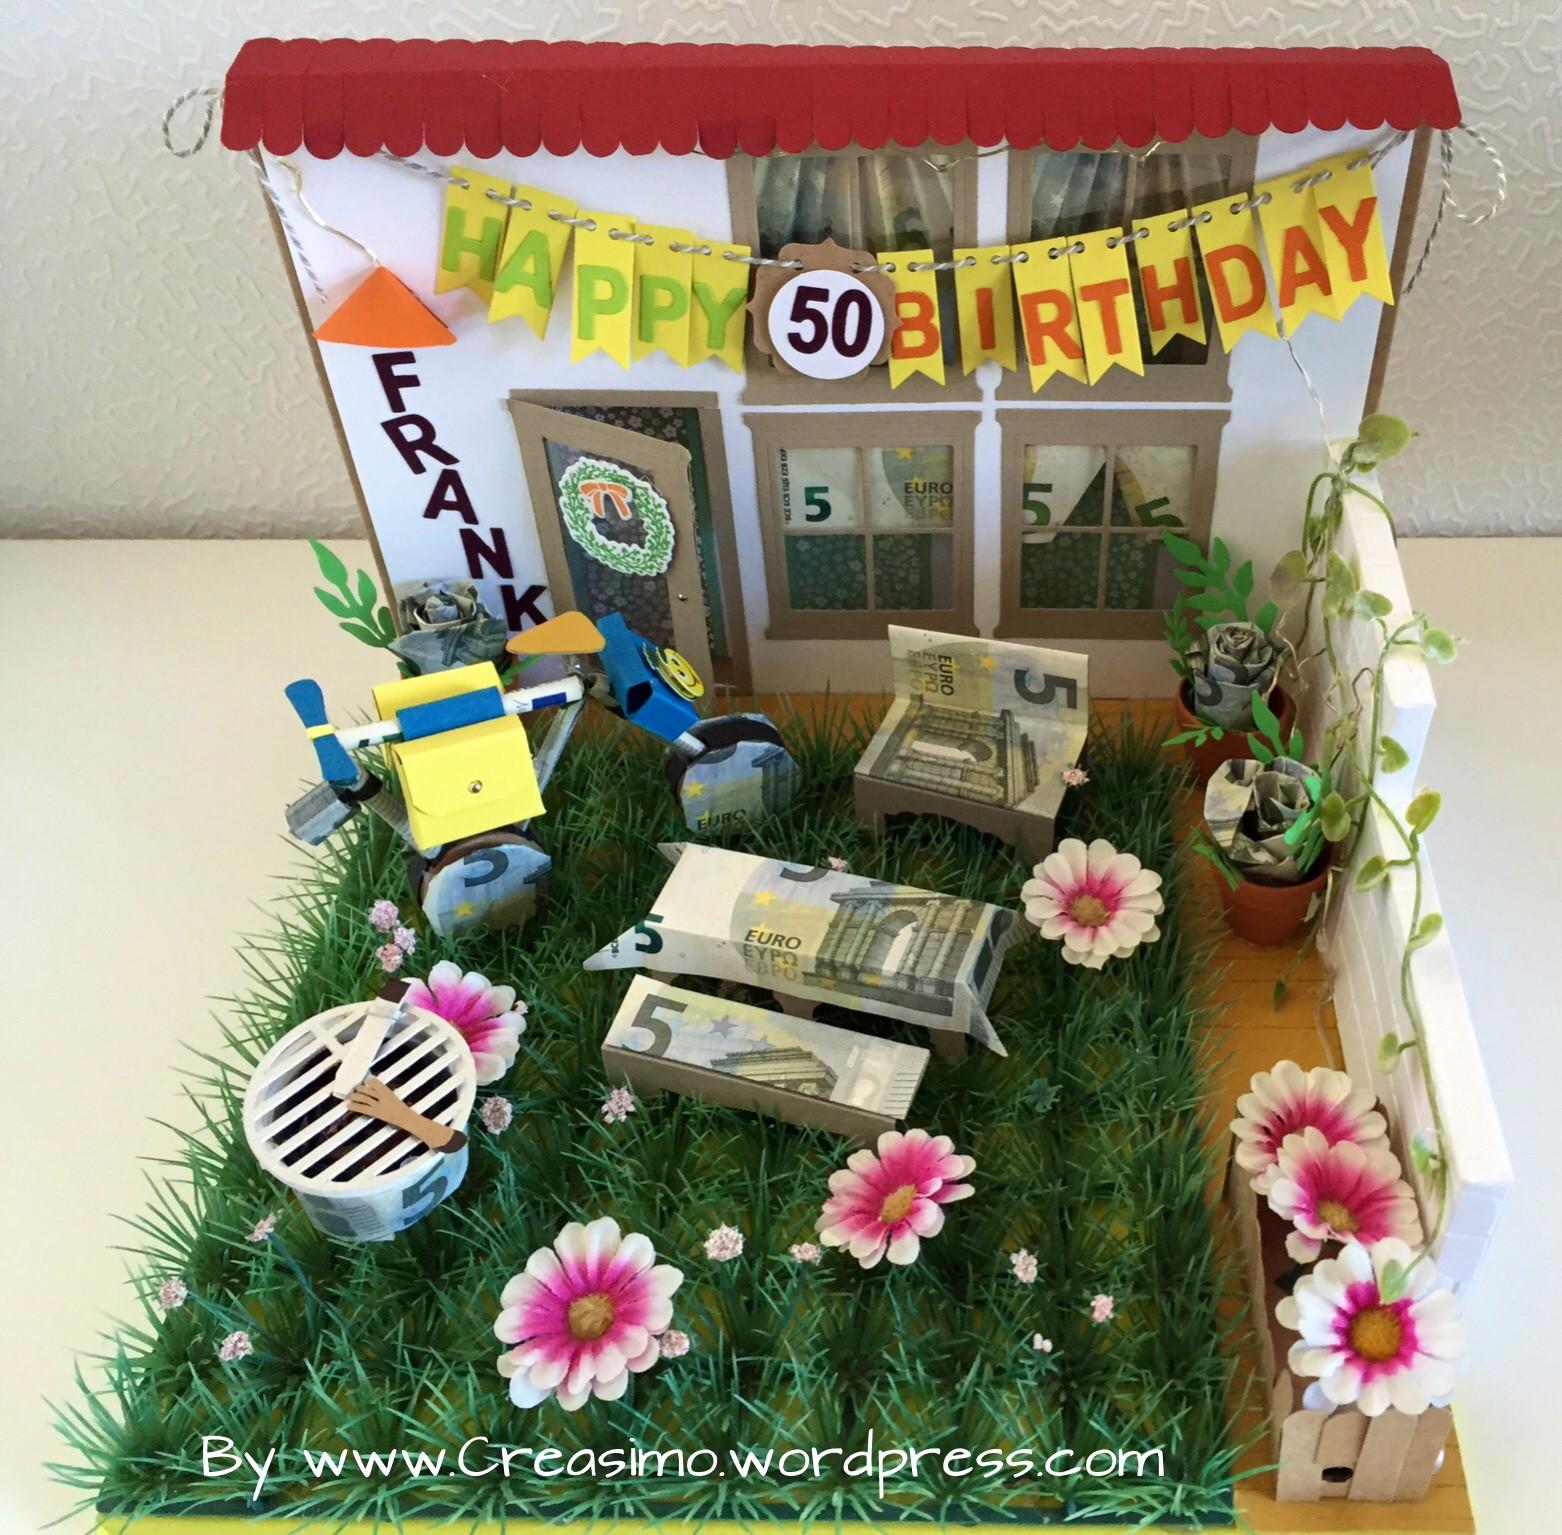 Geburtstag Geschenke Frau  Bildergebnis fr geschenkideen zum 50 geburtstag frauen Basteln